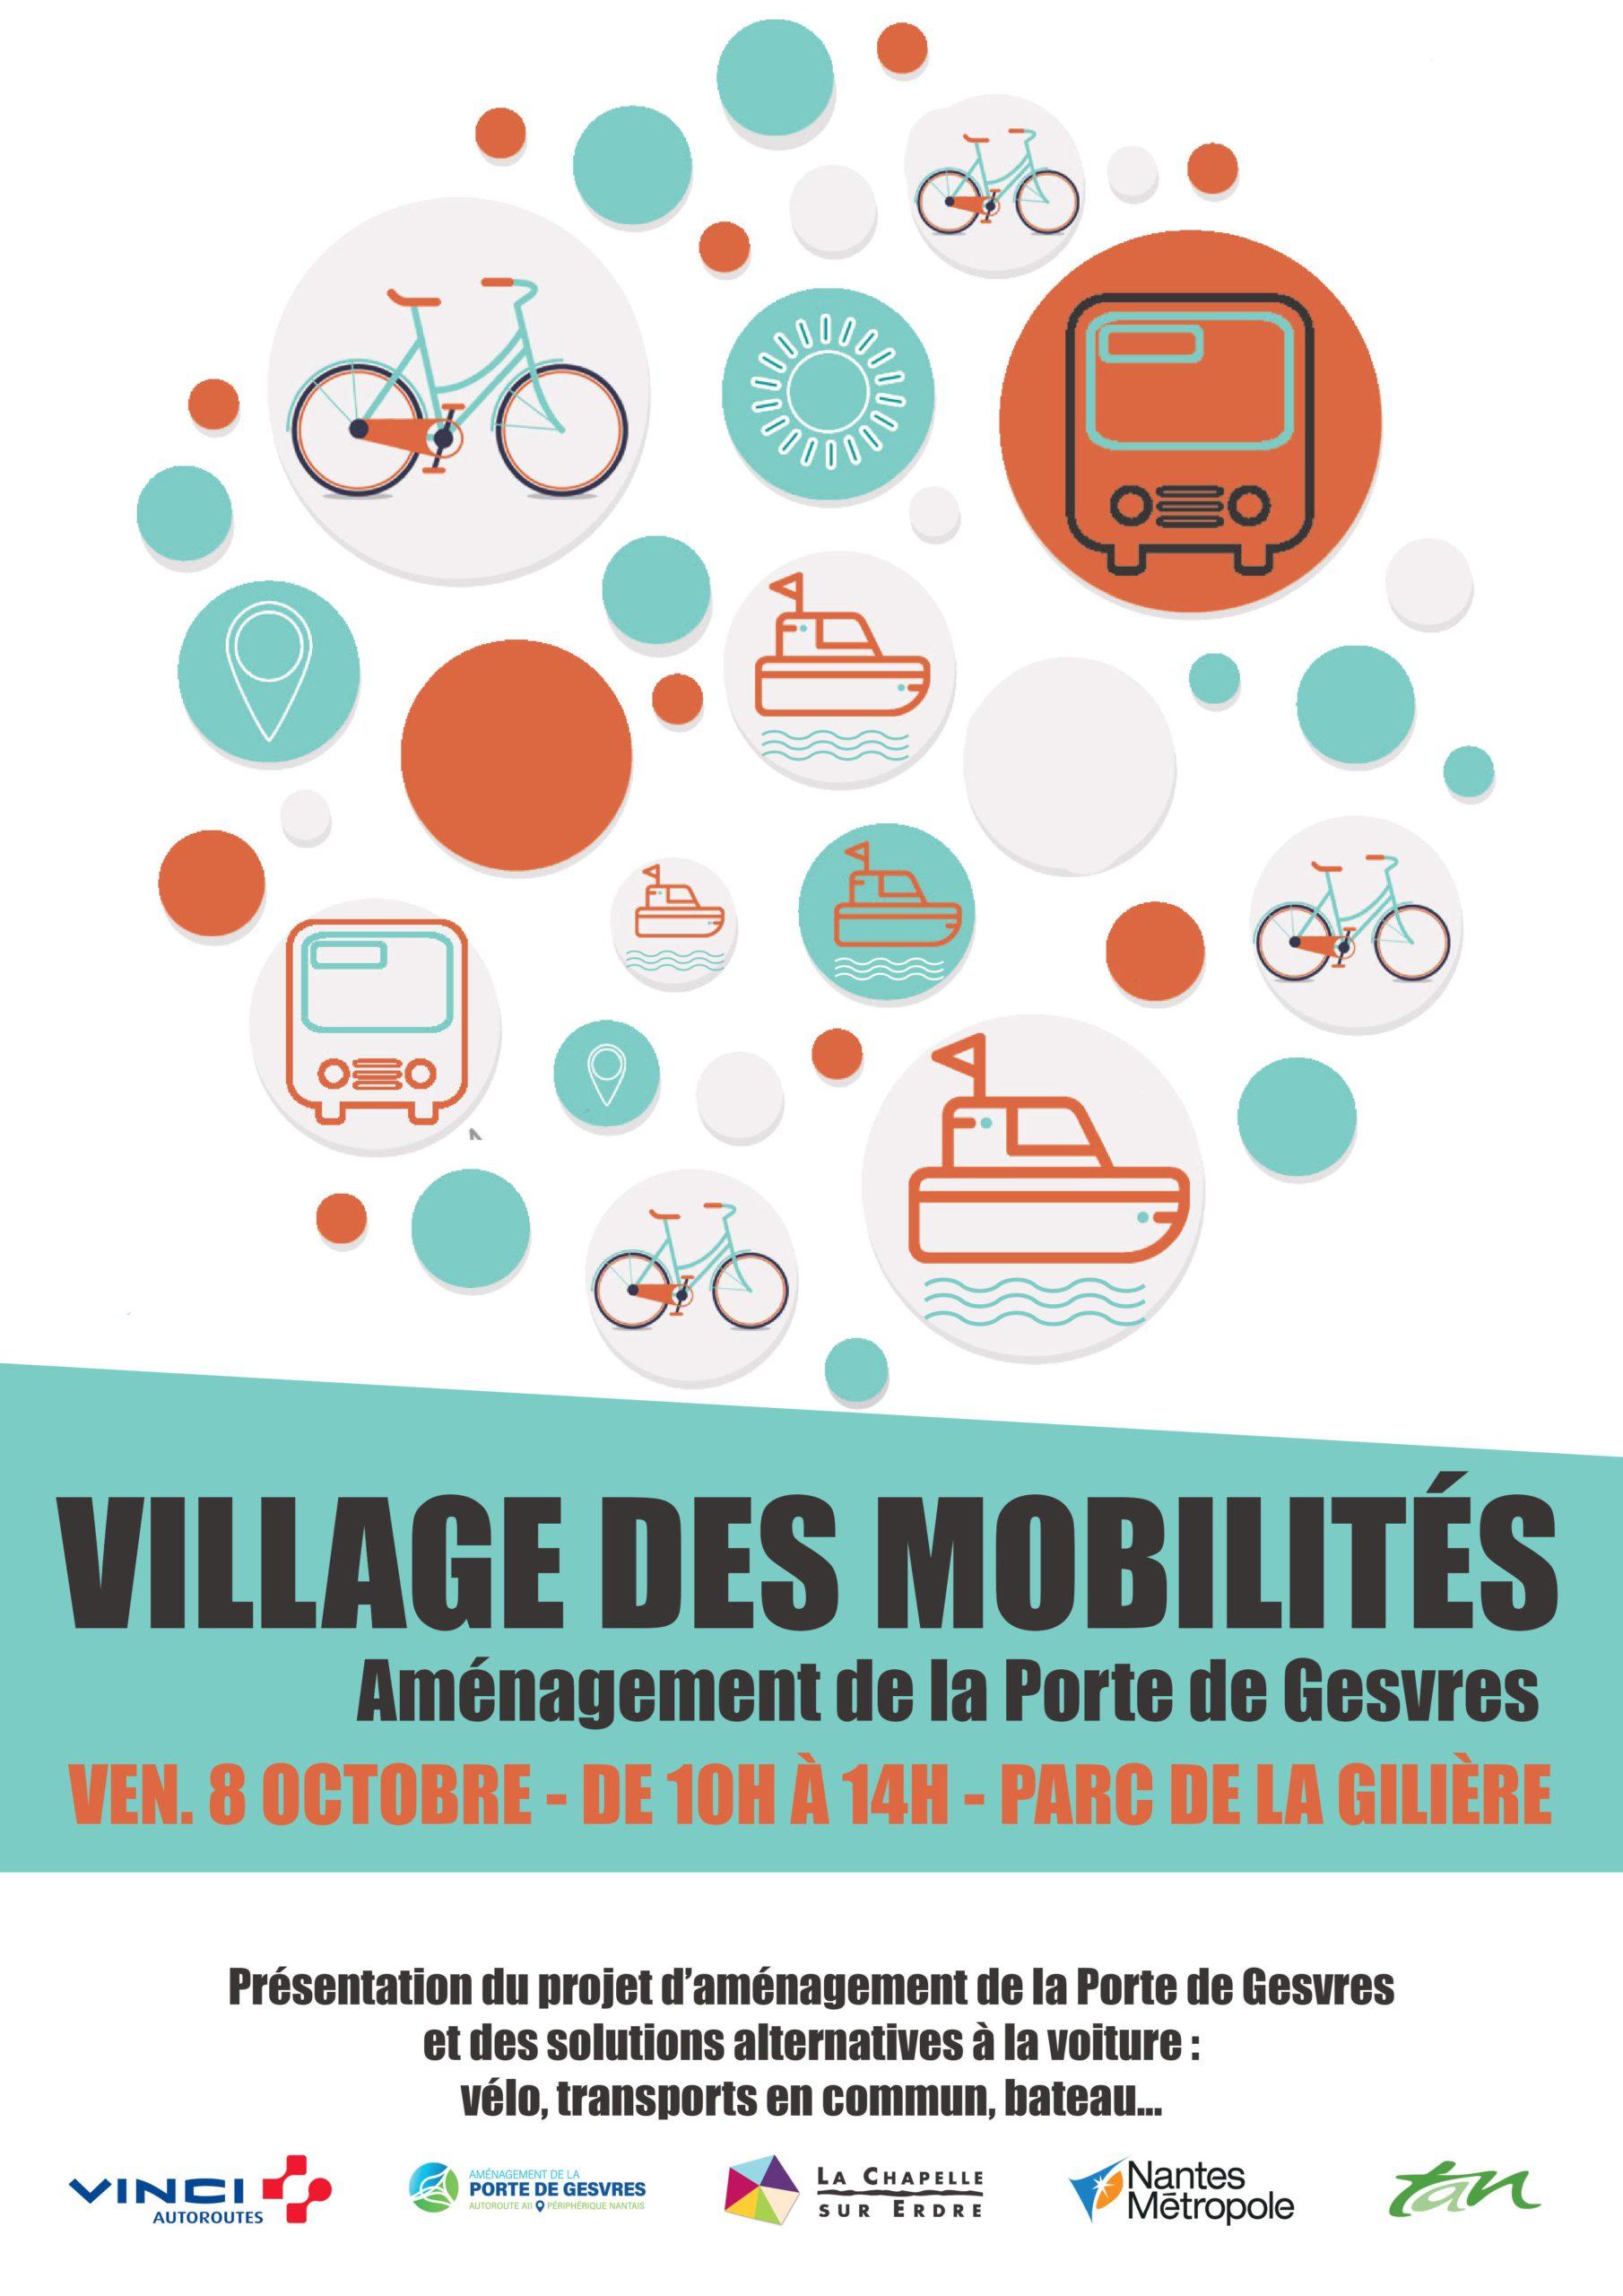 VINCI Autoroutes partenaire du Village des Mobilités